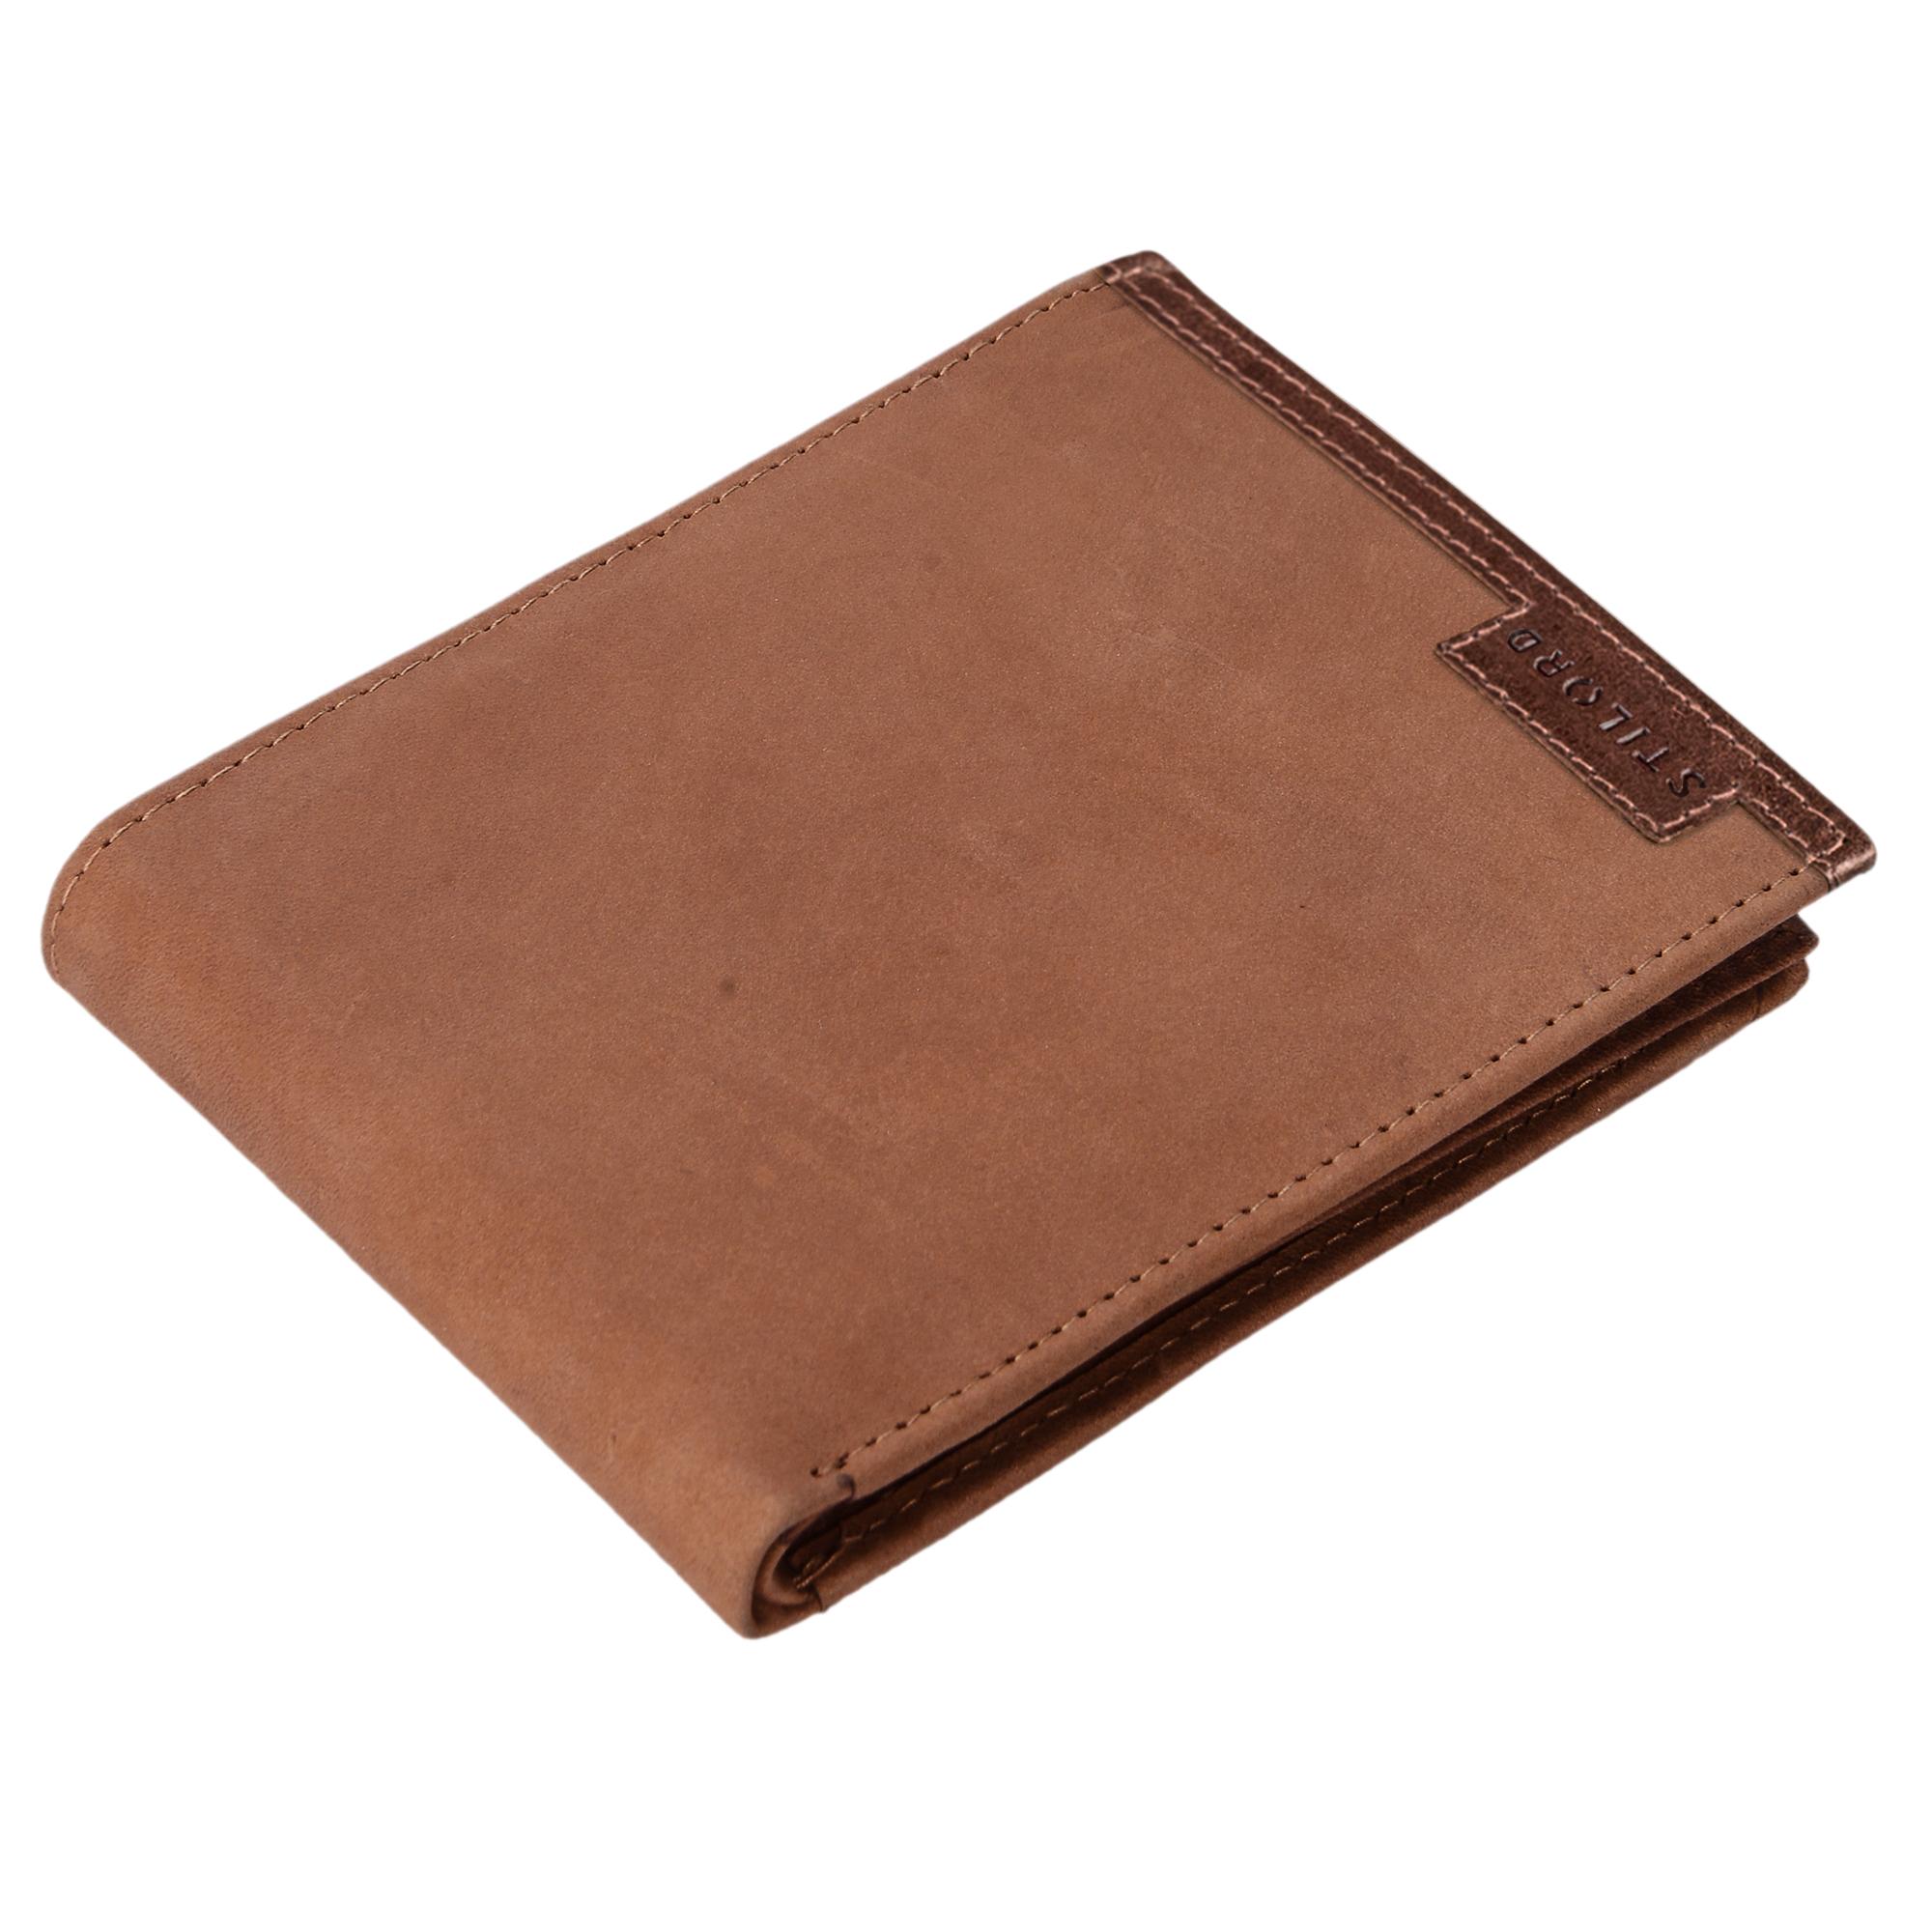 STILORD Vintage Herren Geldbörse / Portemonnaie aus hochwertigem Echt Leder, braun - Bild 7